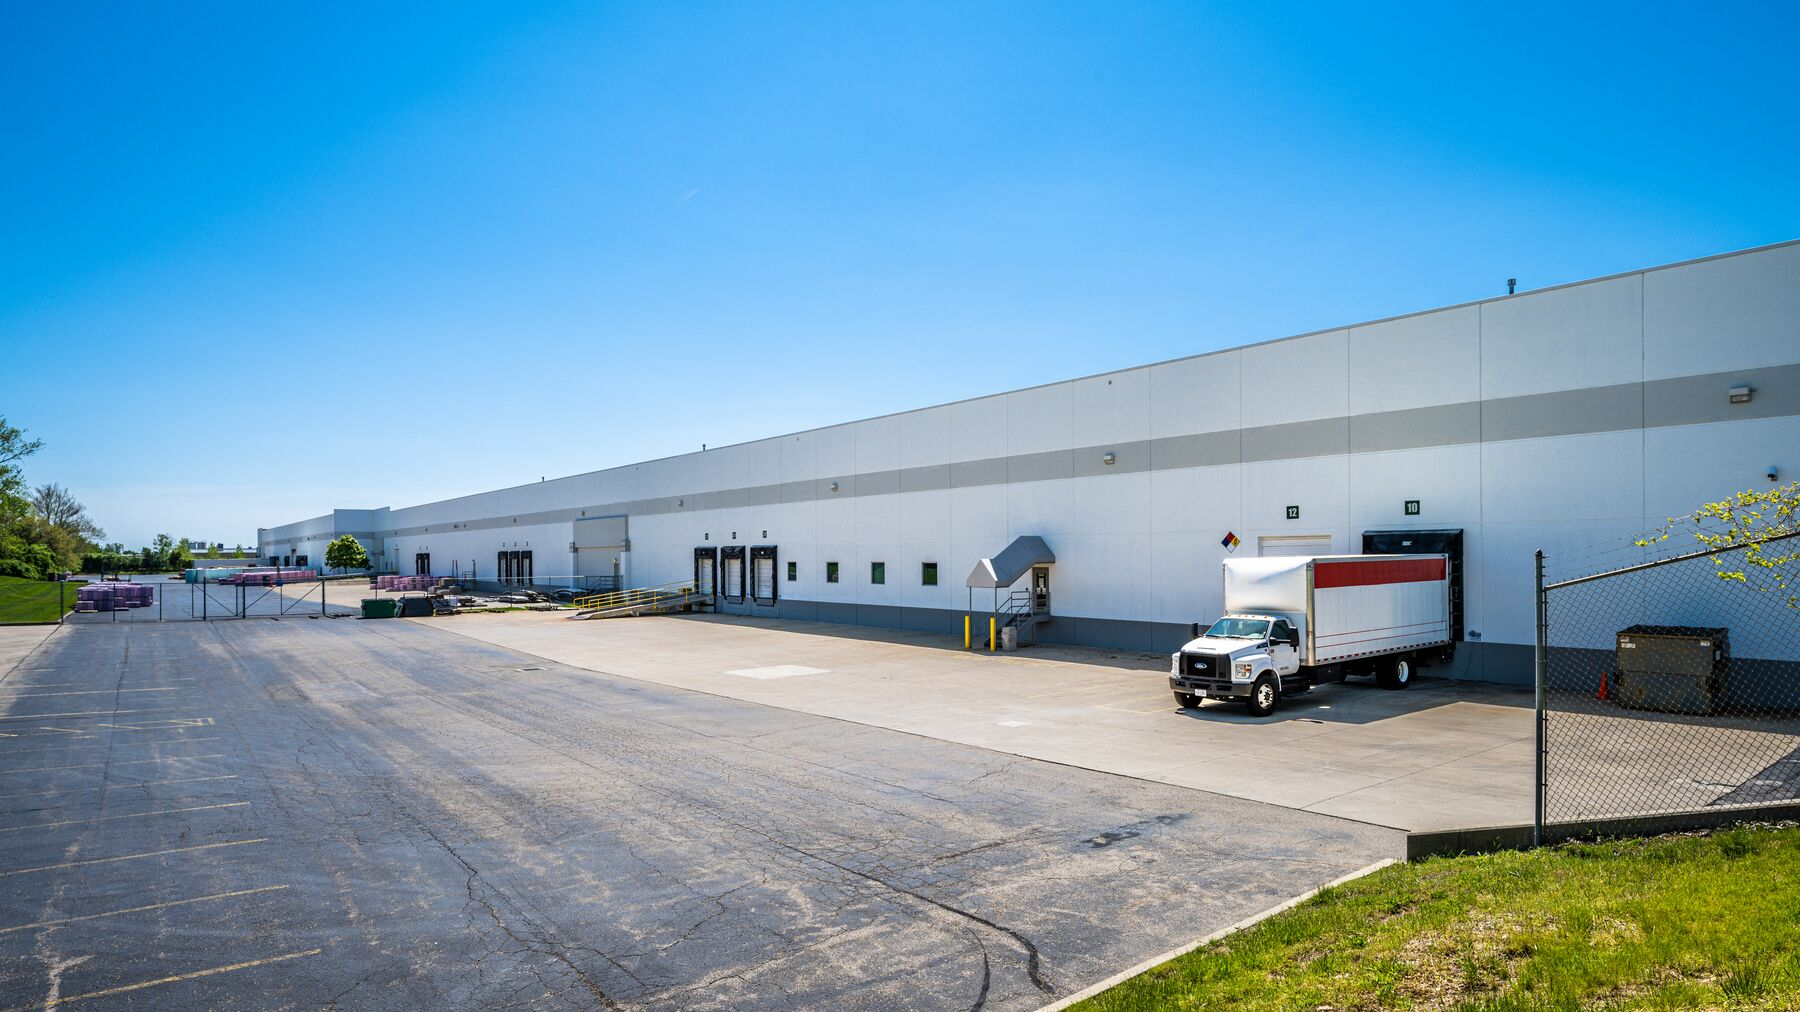 DPM-2939-2979-Crescentville-Rd-Sharonville-OH-210501-8-6.jpg